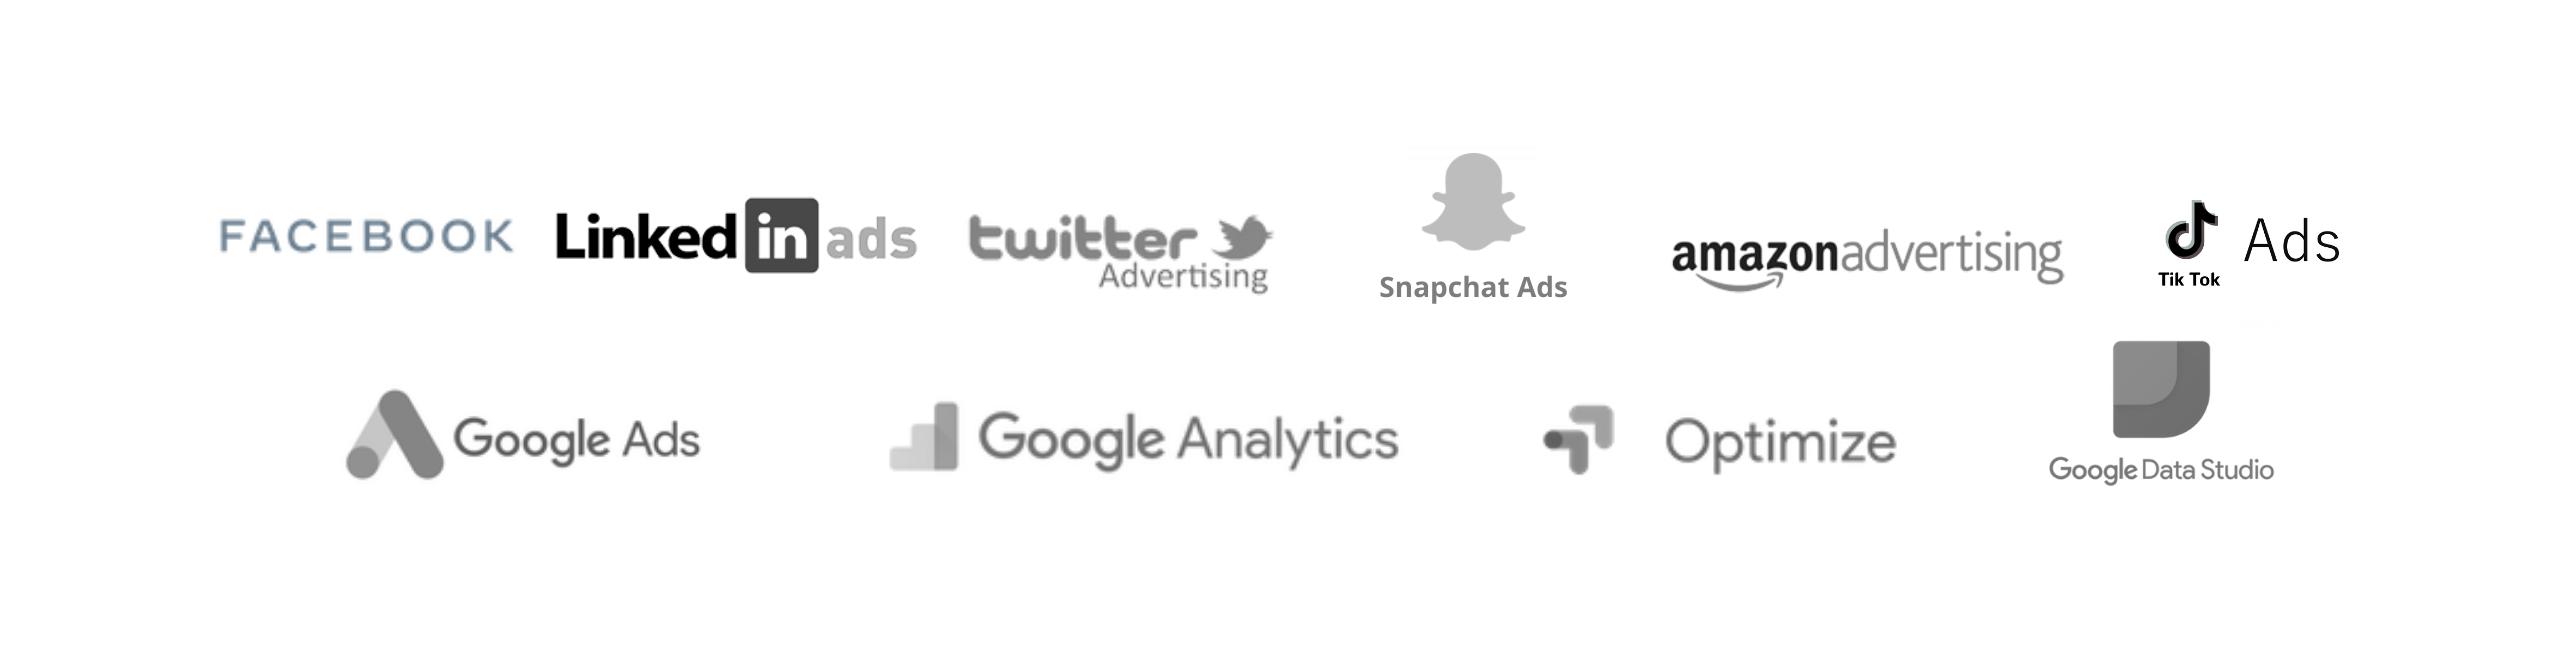 service de publicité en ligne